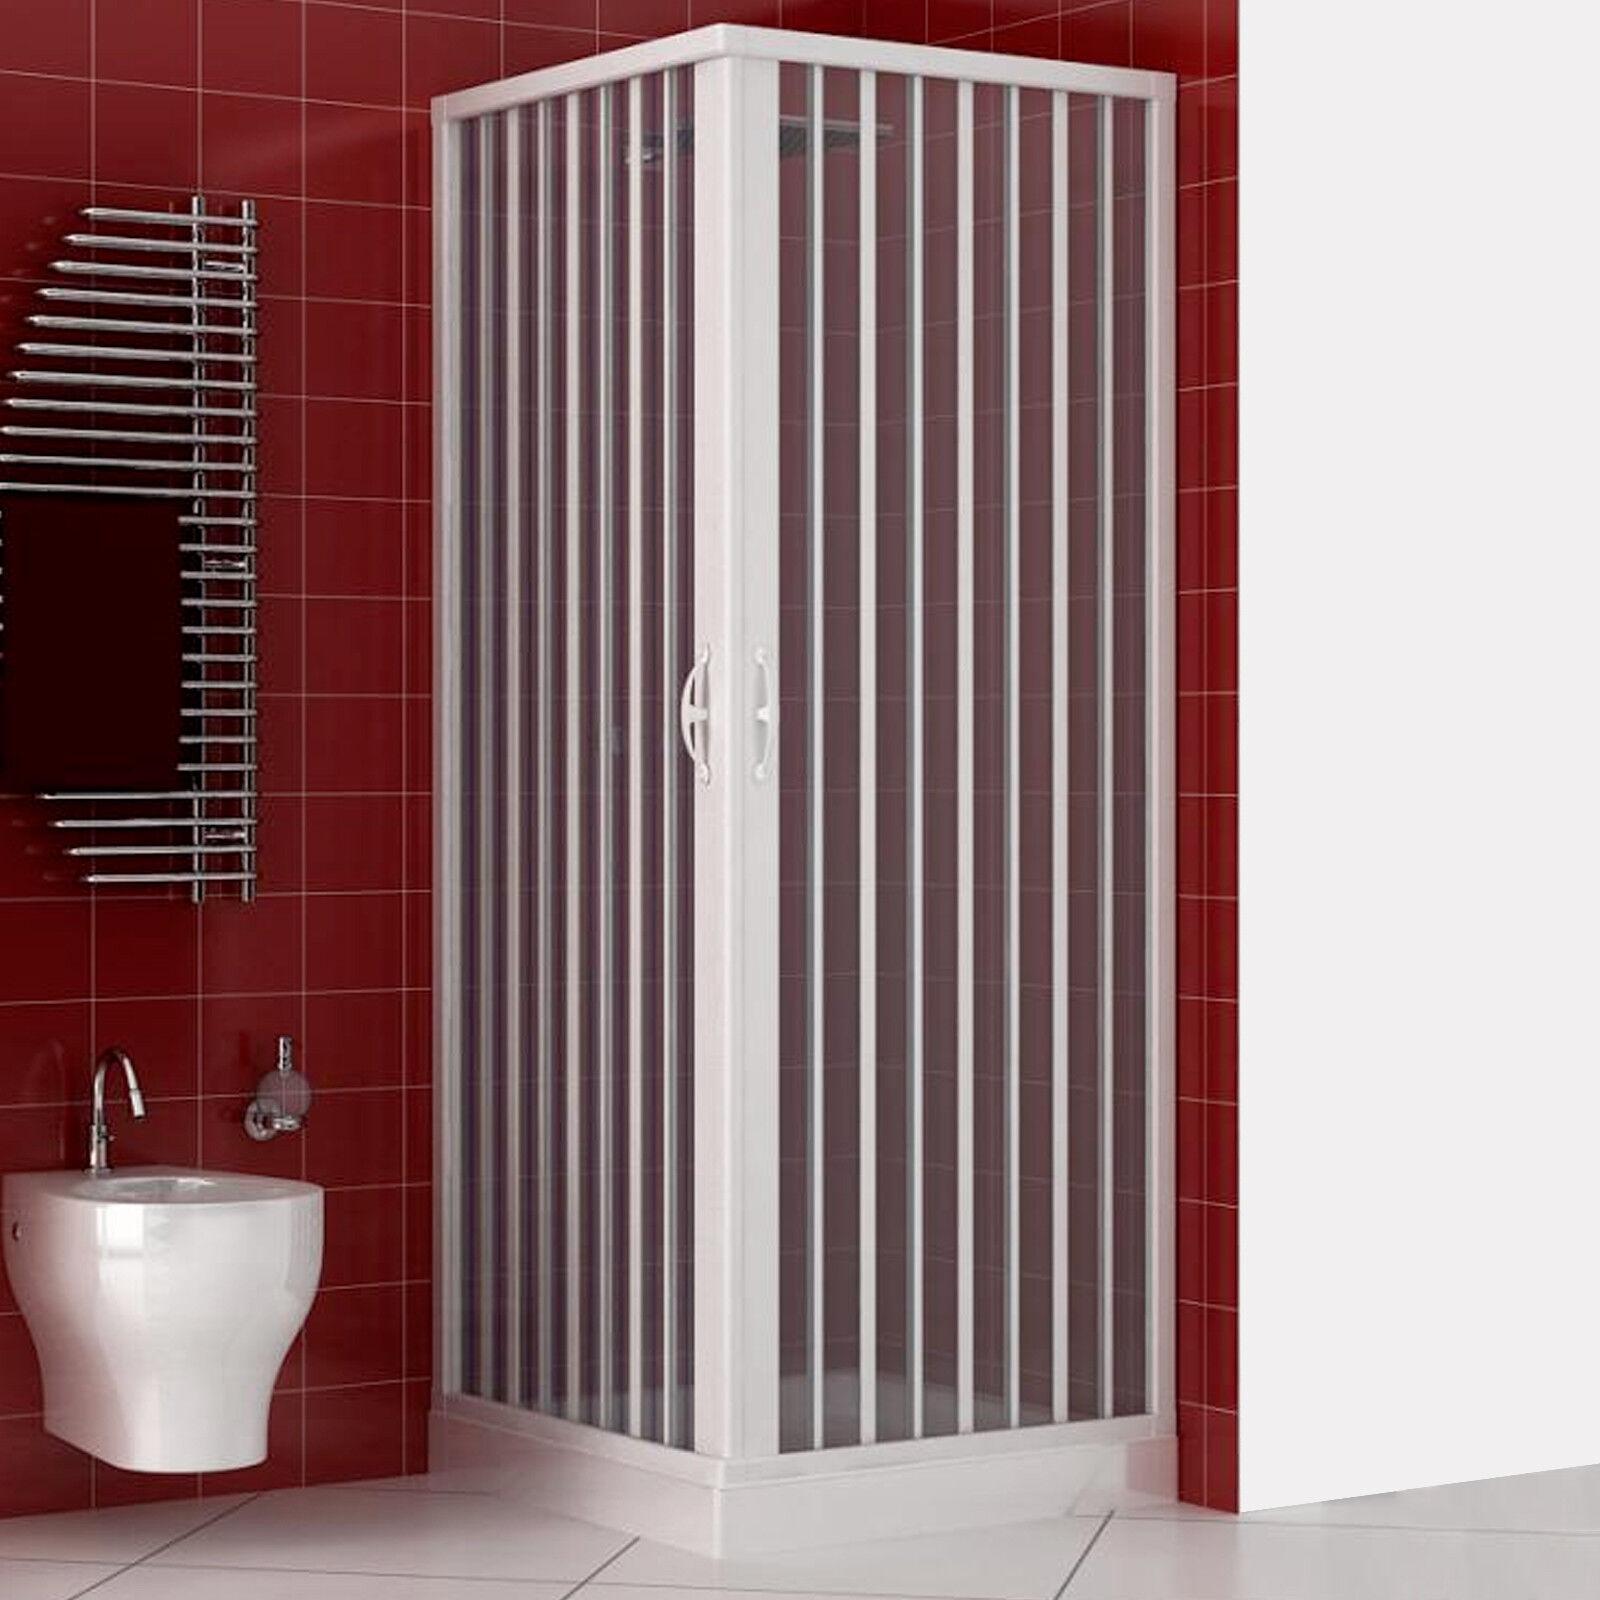 Box doccia PVC cabina angolare soffietto acrilico misura regolabile resistente